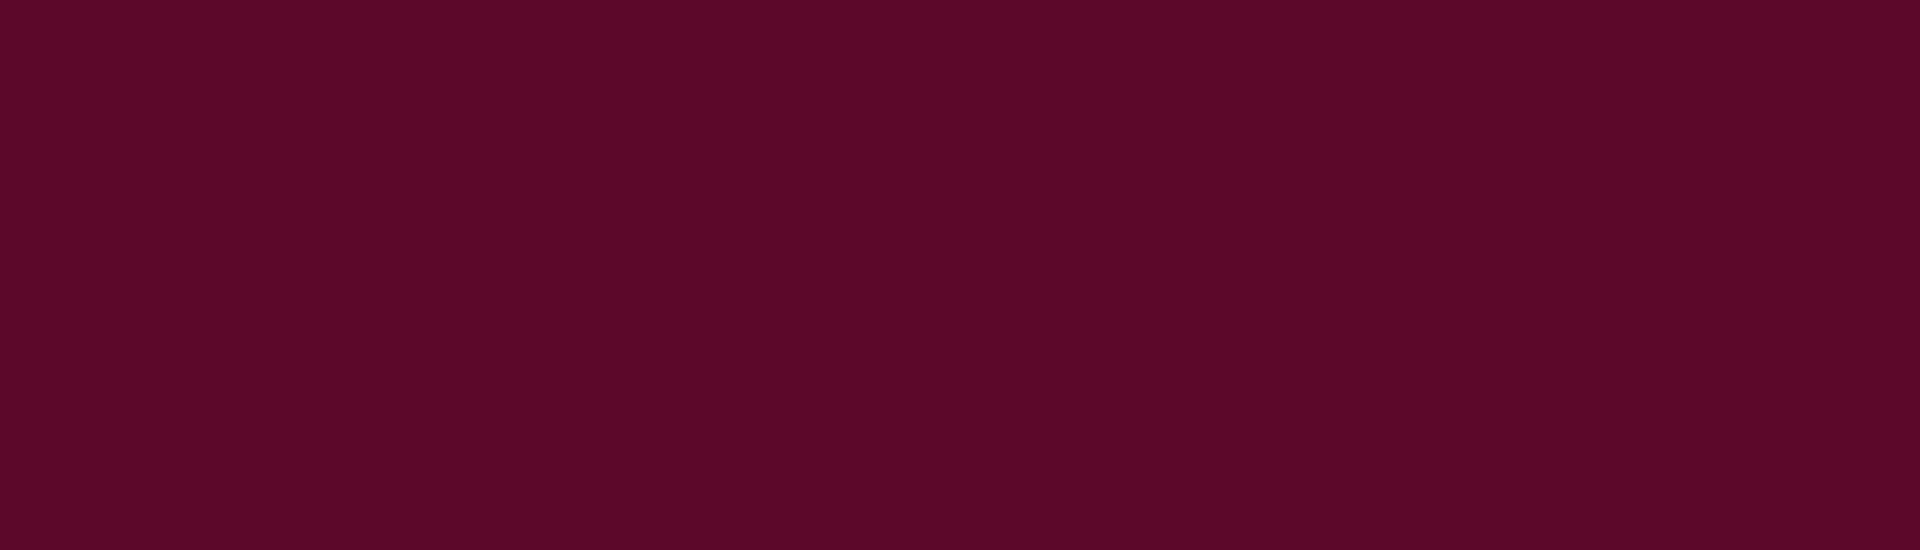 ONLINE WEINMARKT - Weißweine Jahrgang 2019 01/2021 - Slider